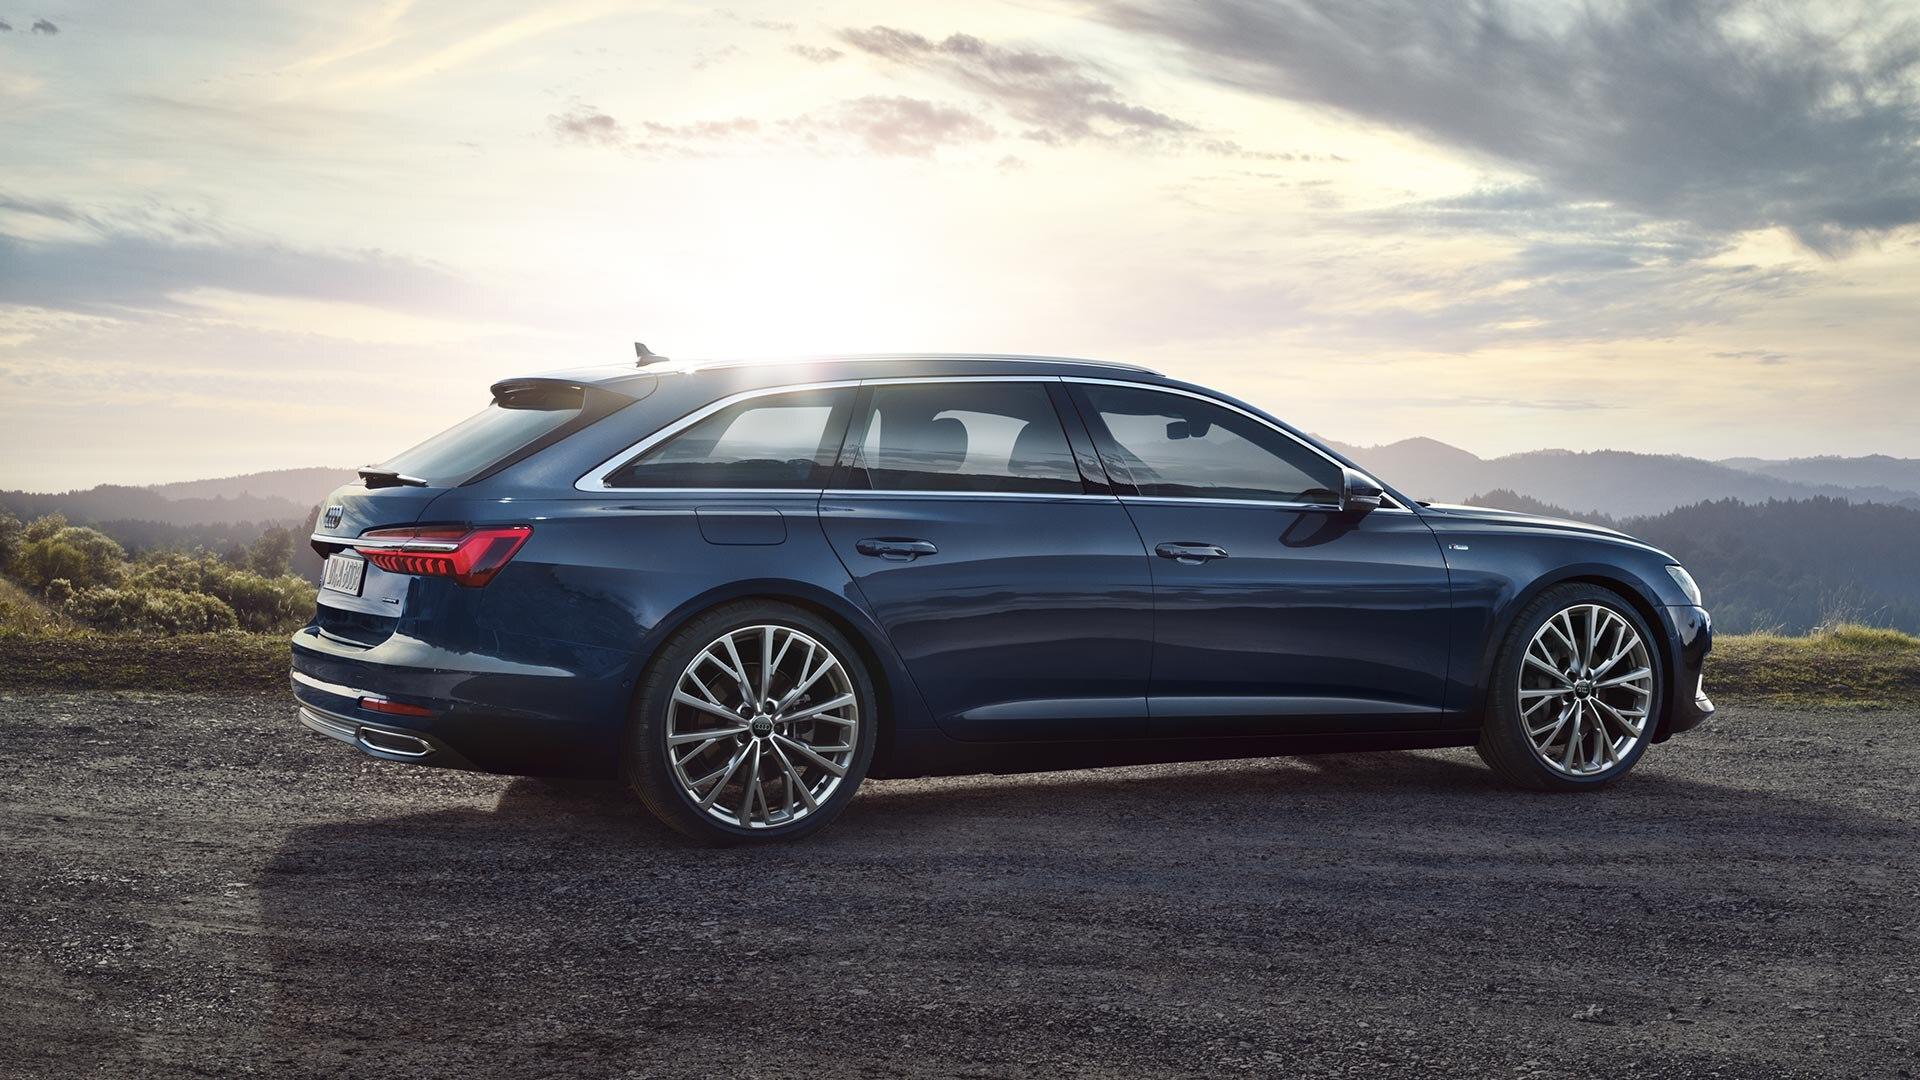 Kelebihan Kekurangan Audi A6 Avant Perbandingan Harga